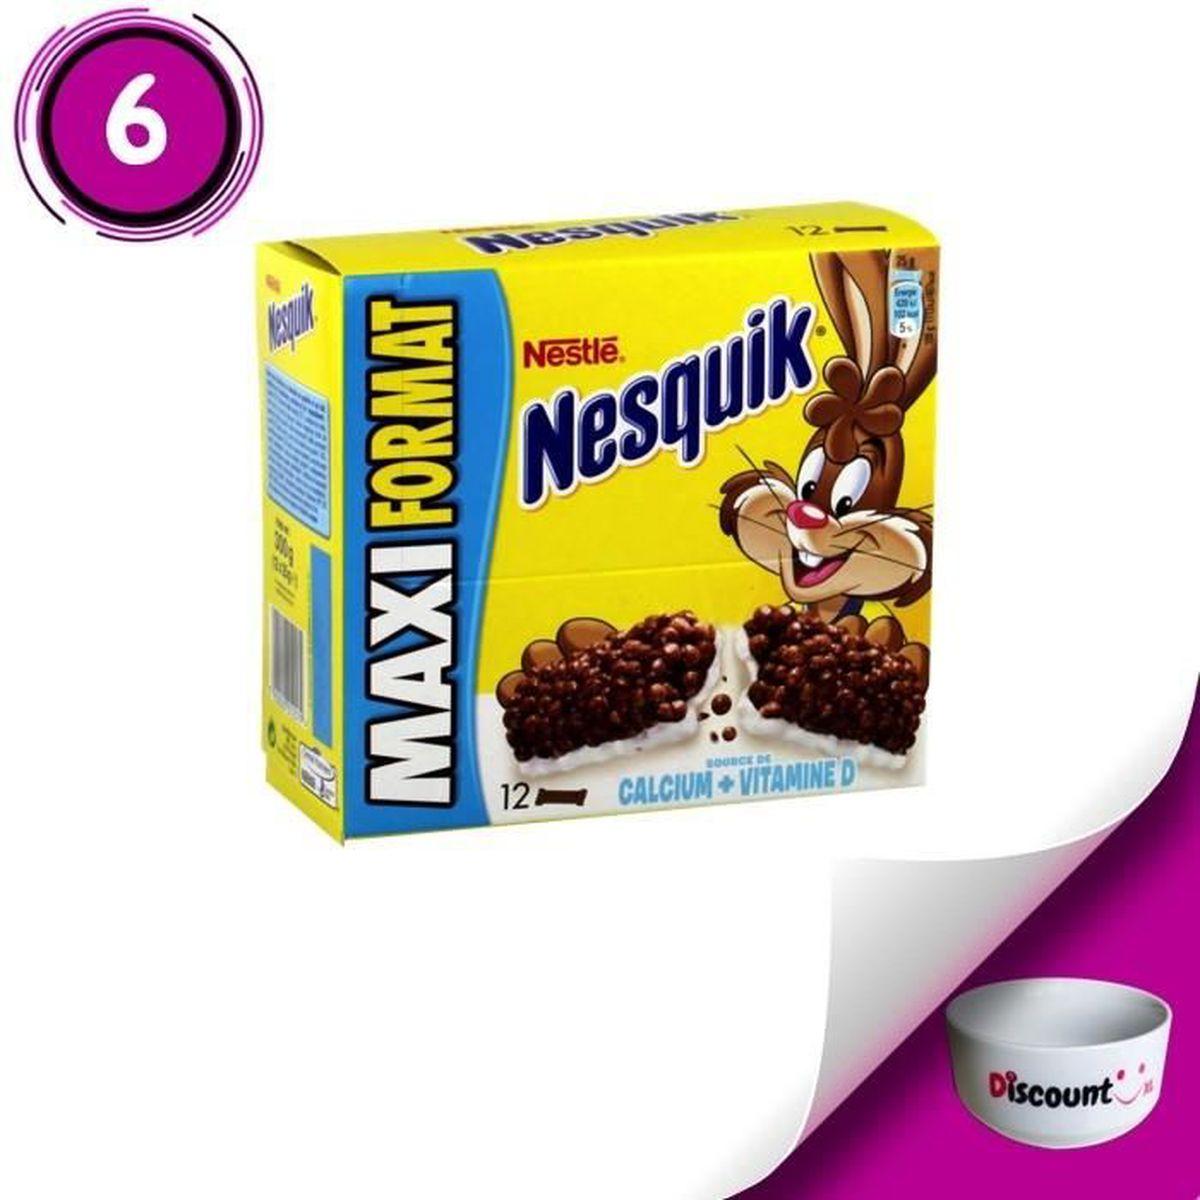 BARRE DE CEREALE Céréales Nestlé Barres au chocolat Nesquik 6 x 12